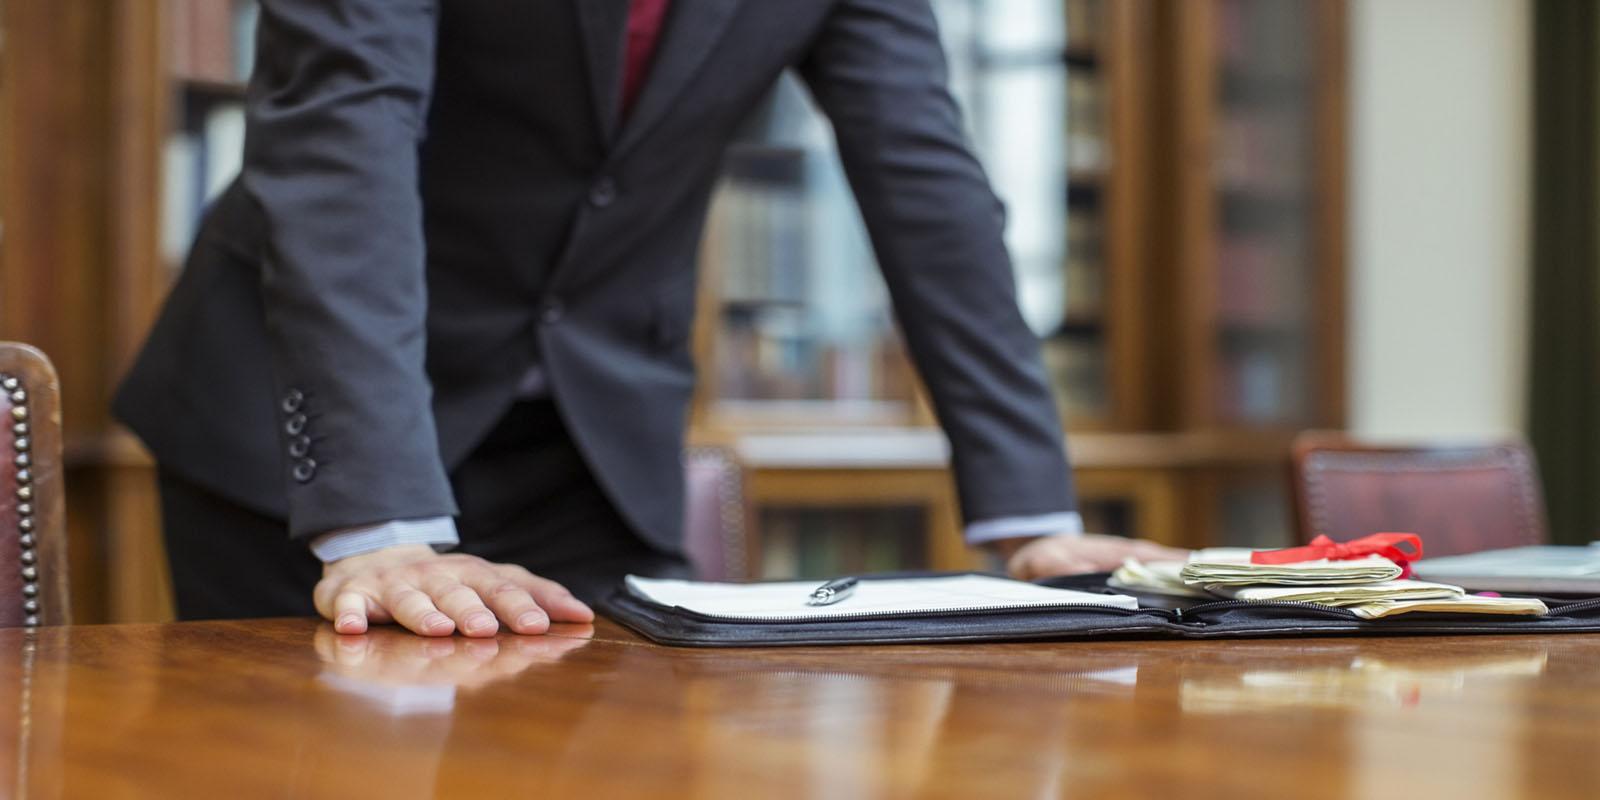 ثبت شرکت ، ثبت برند ، ثبت شرکت براتی اتباع خارجه ، کارت بازرگانی و کد اقتصادی (4)